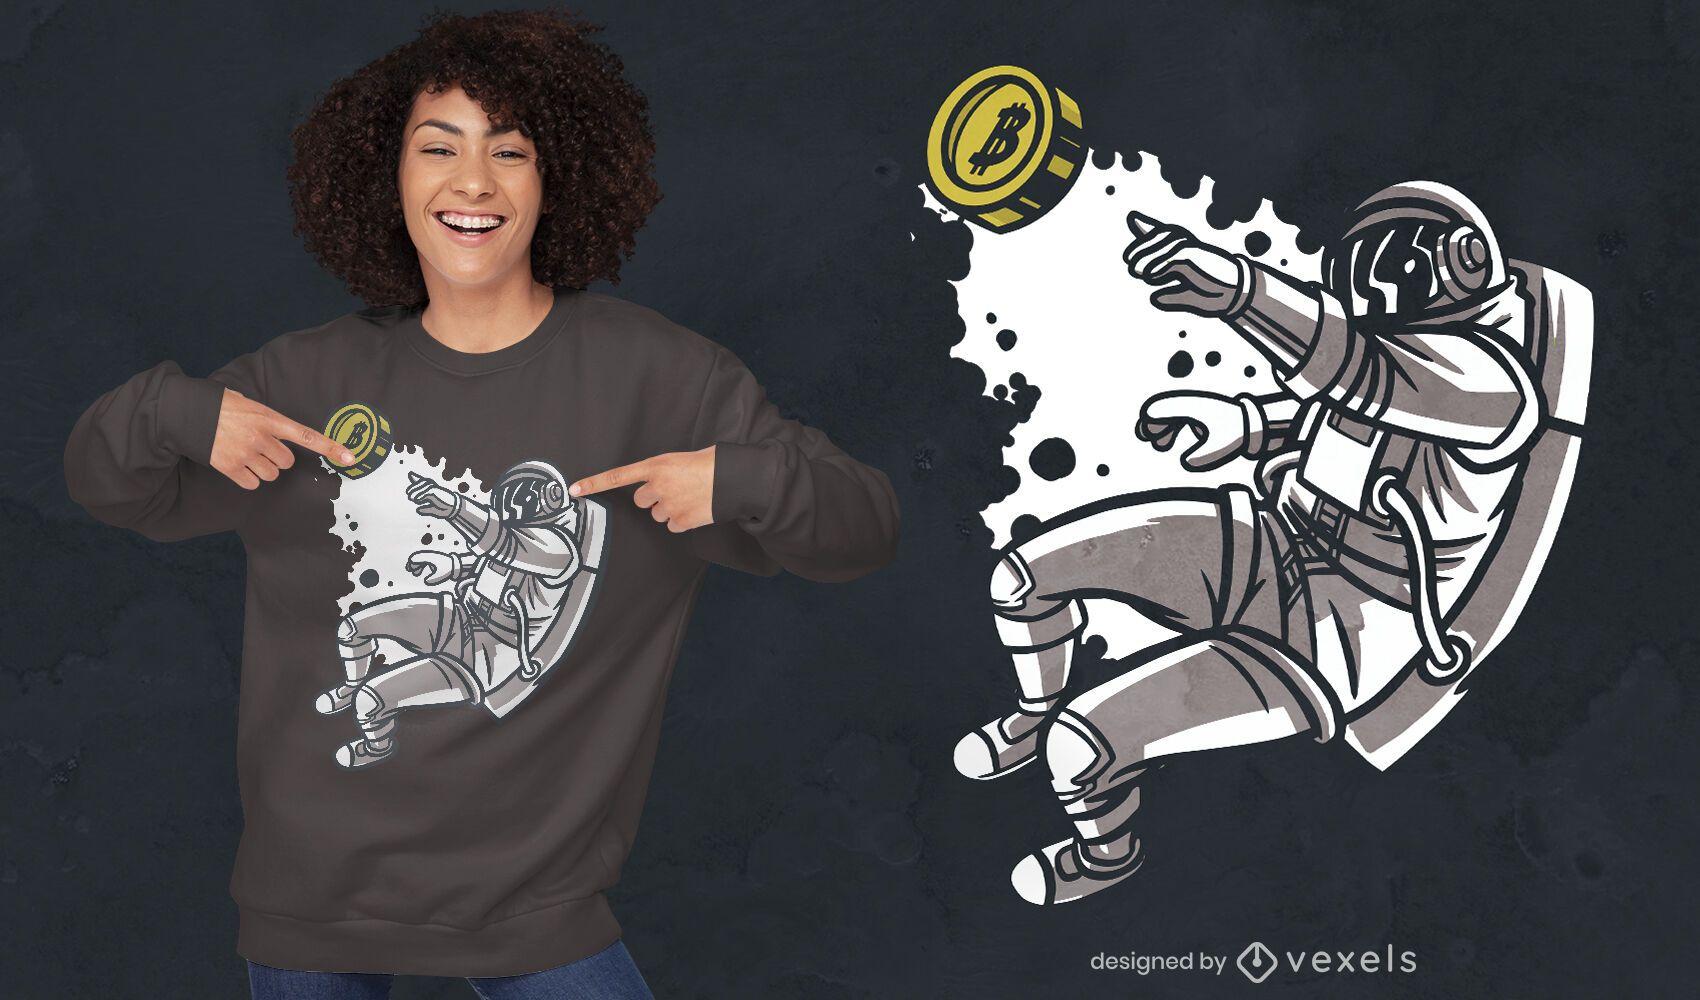 Fliegender Astronaut mit Bitcoin-T-Shirt-Design